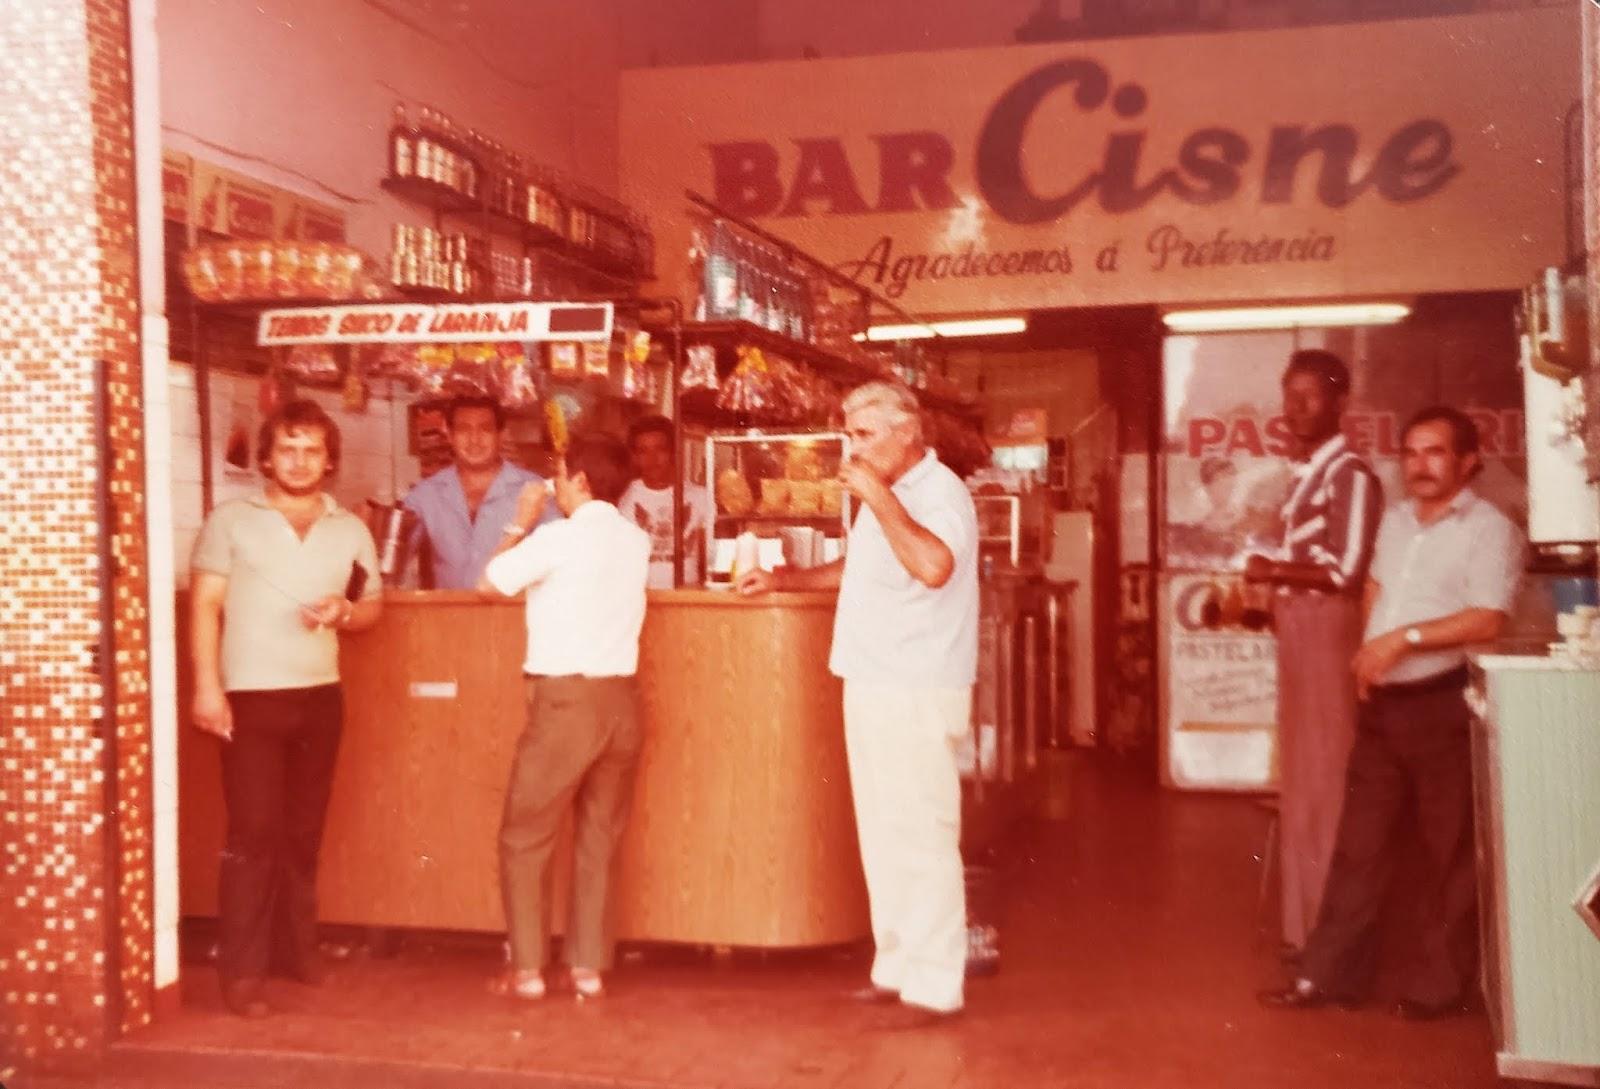 Bar Cisne - Década de 1980